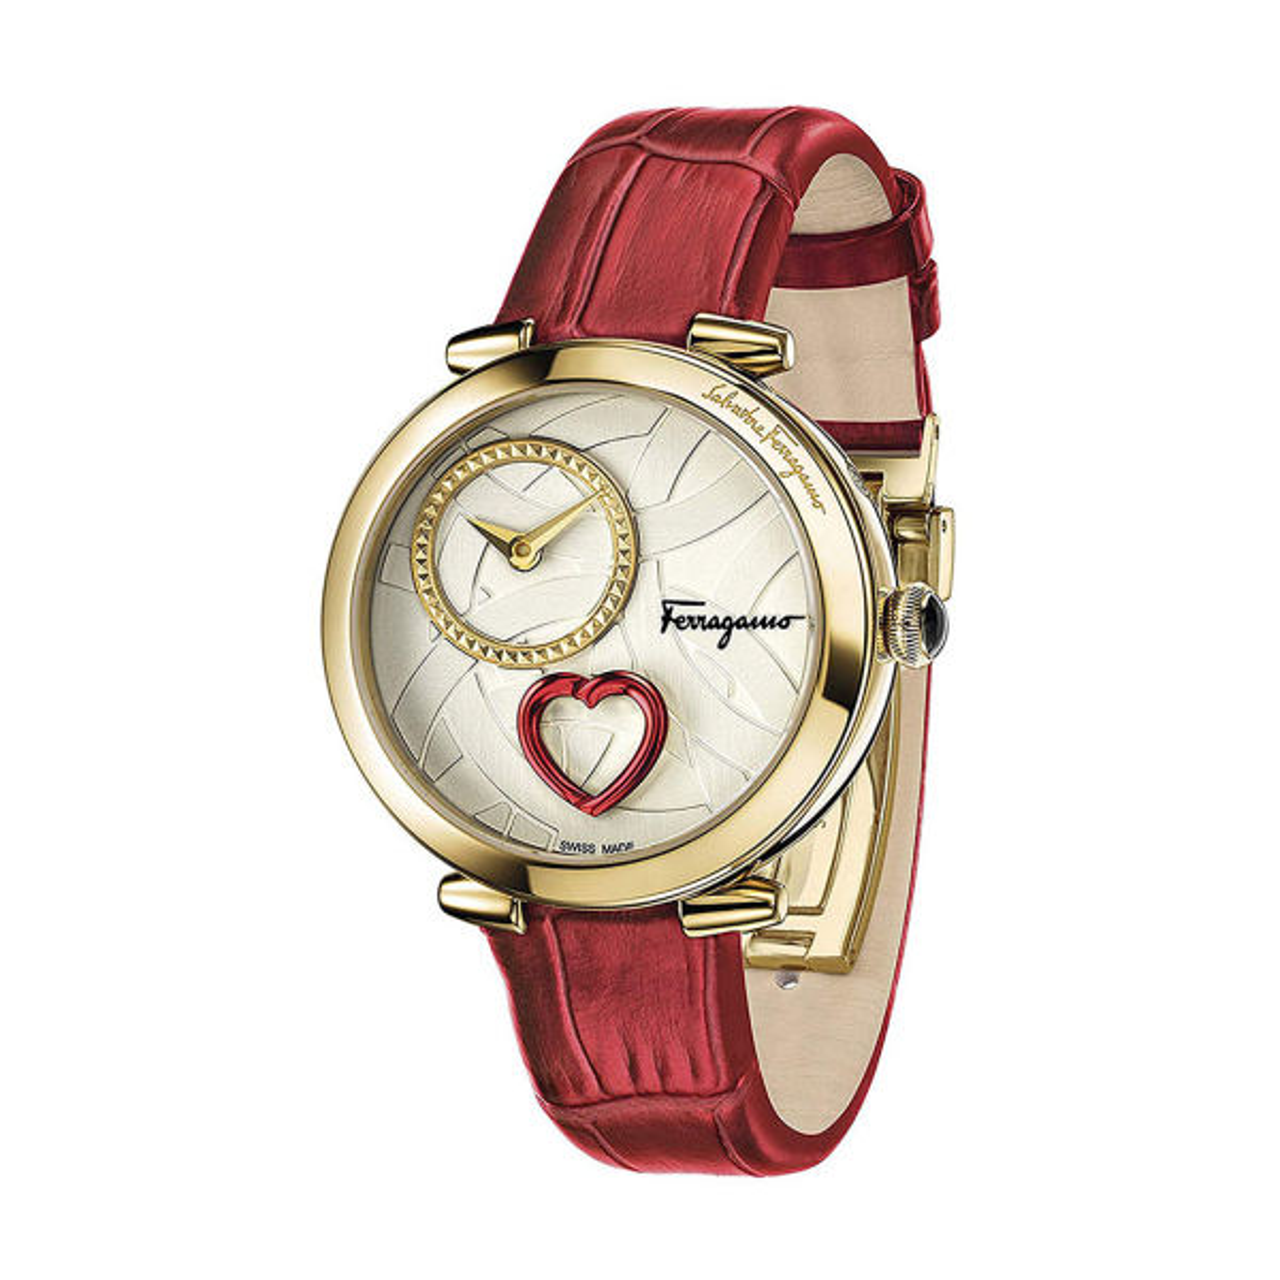 خرید ساعت مچی عقربه ای زنانه سالواتوره فراگامو مدل FE2910016